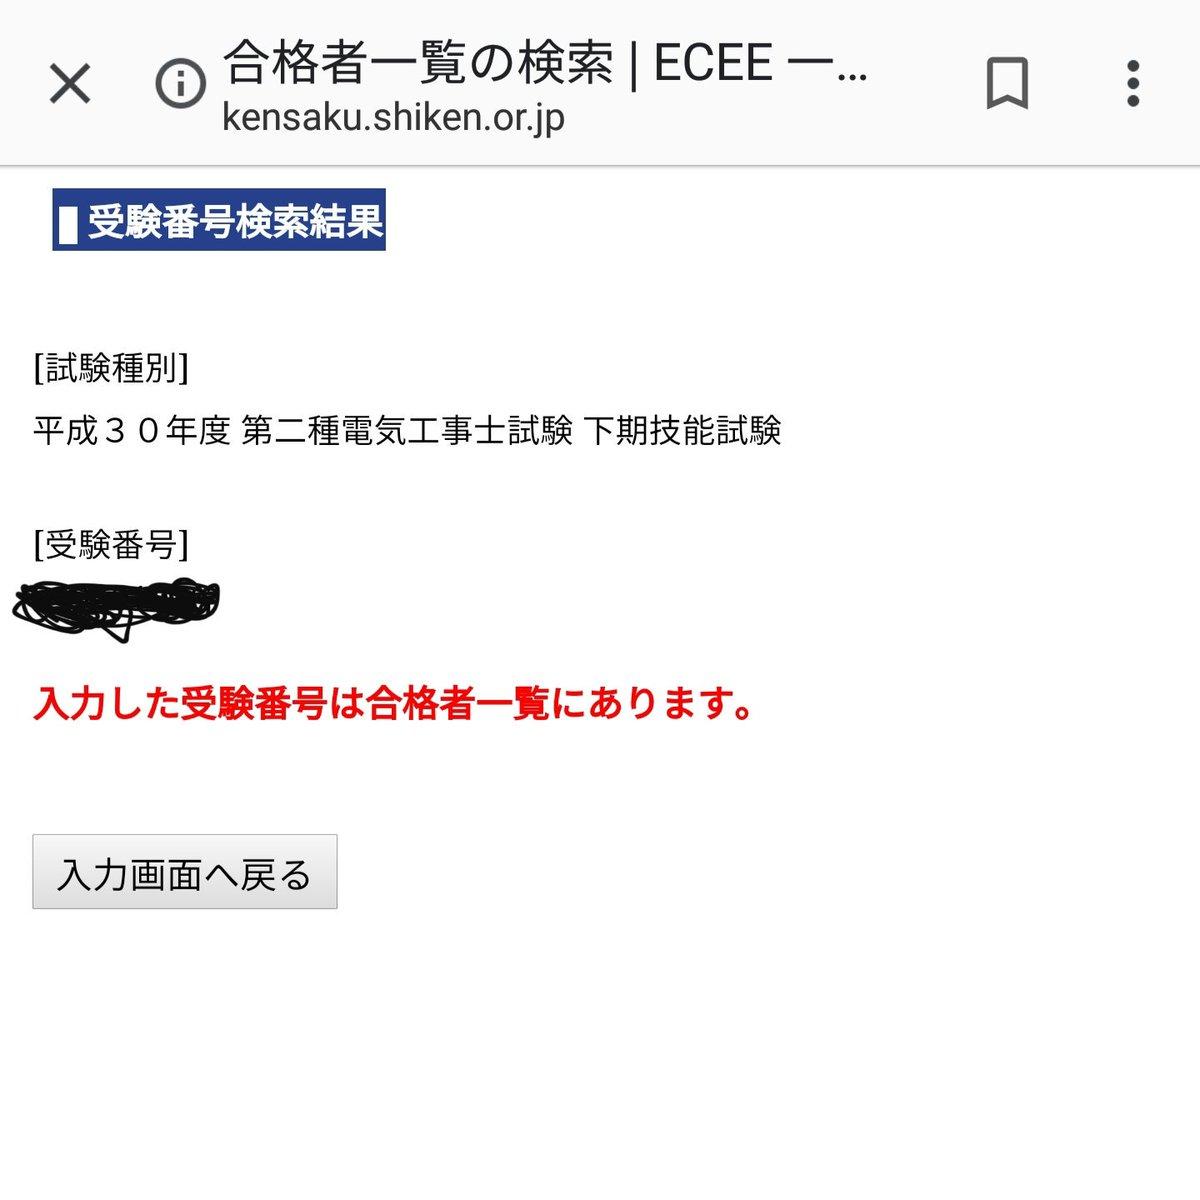 test ツイッターメディア - よっしゃい!! https://t.co/9dQbx6Ilyr